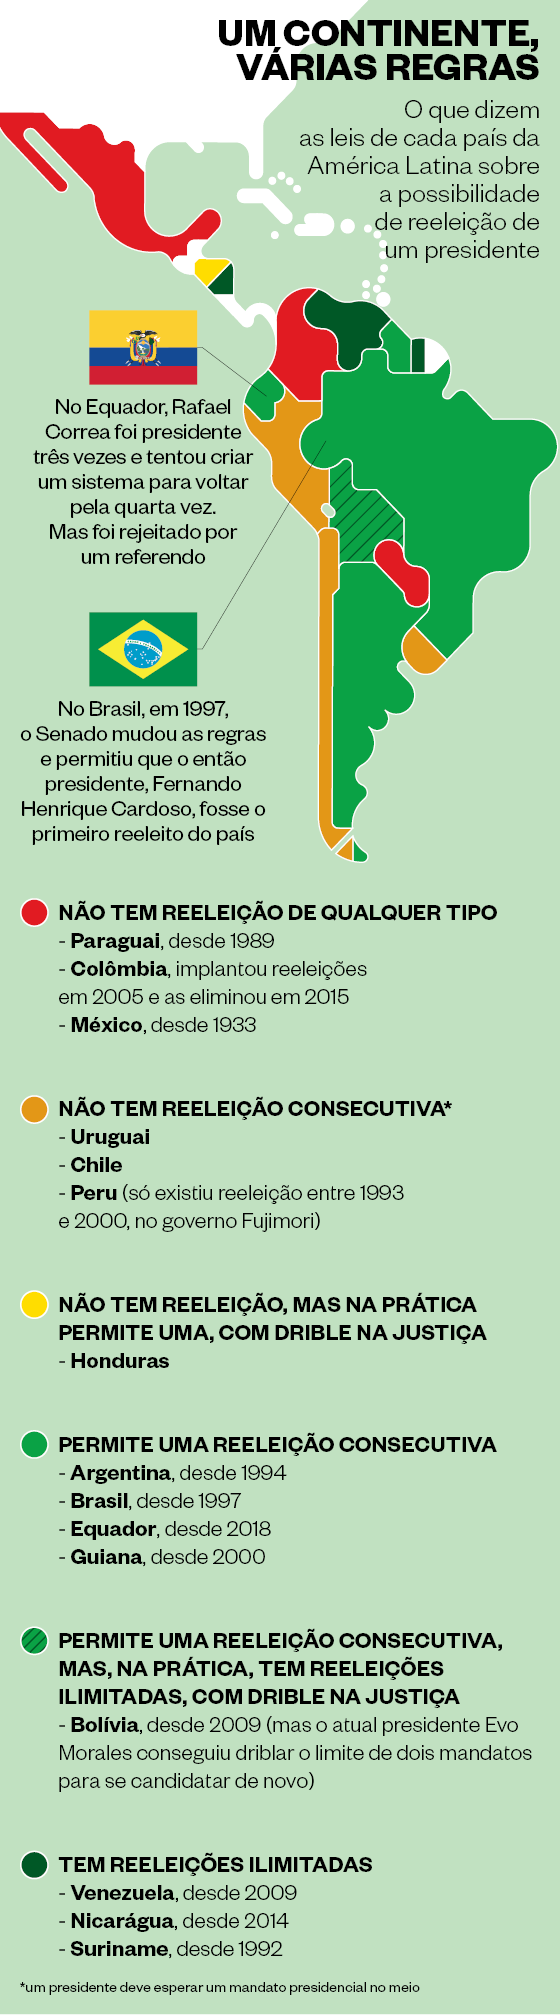 UM CONTINENTE, VÁRIAS REGRAS O que dizem as leis de cada país da América Latina sobre a possibilidade de reeleição de um presidente (Foto:  )